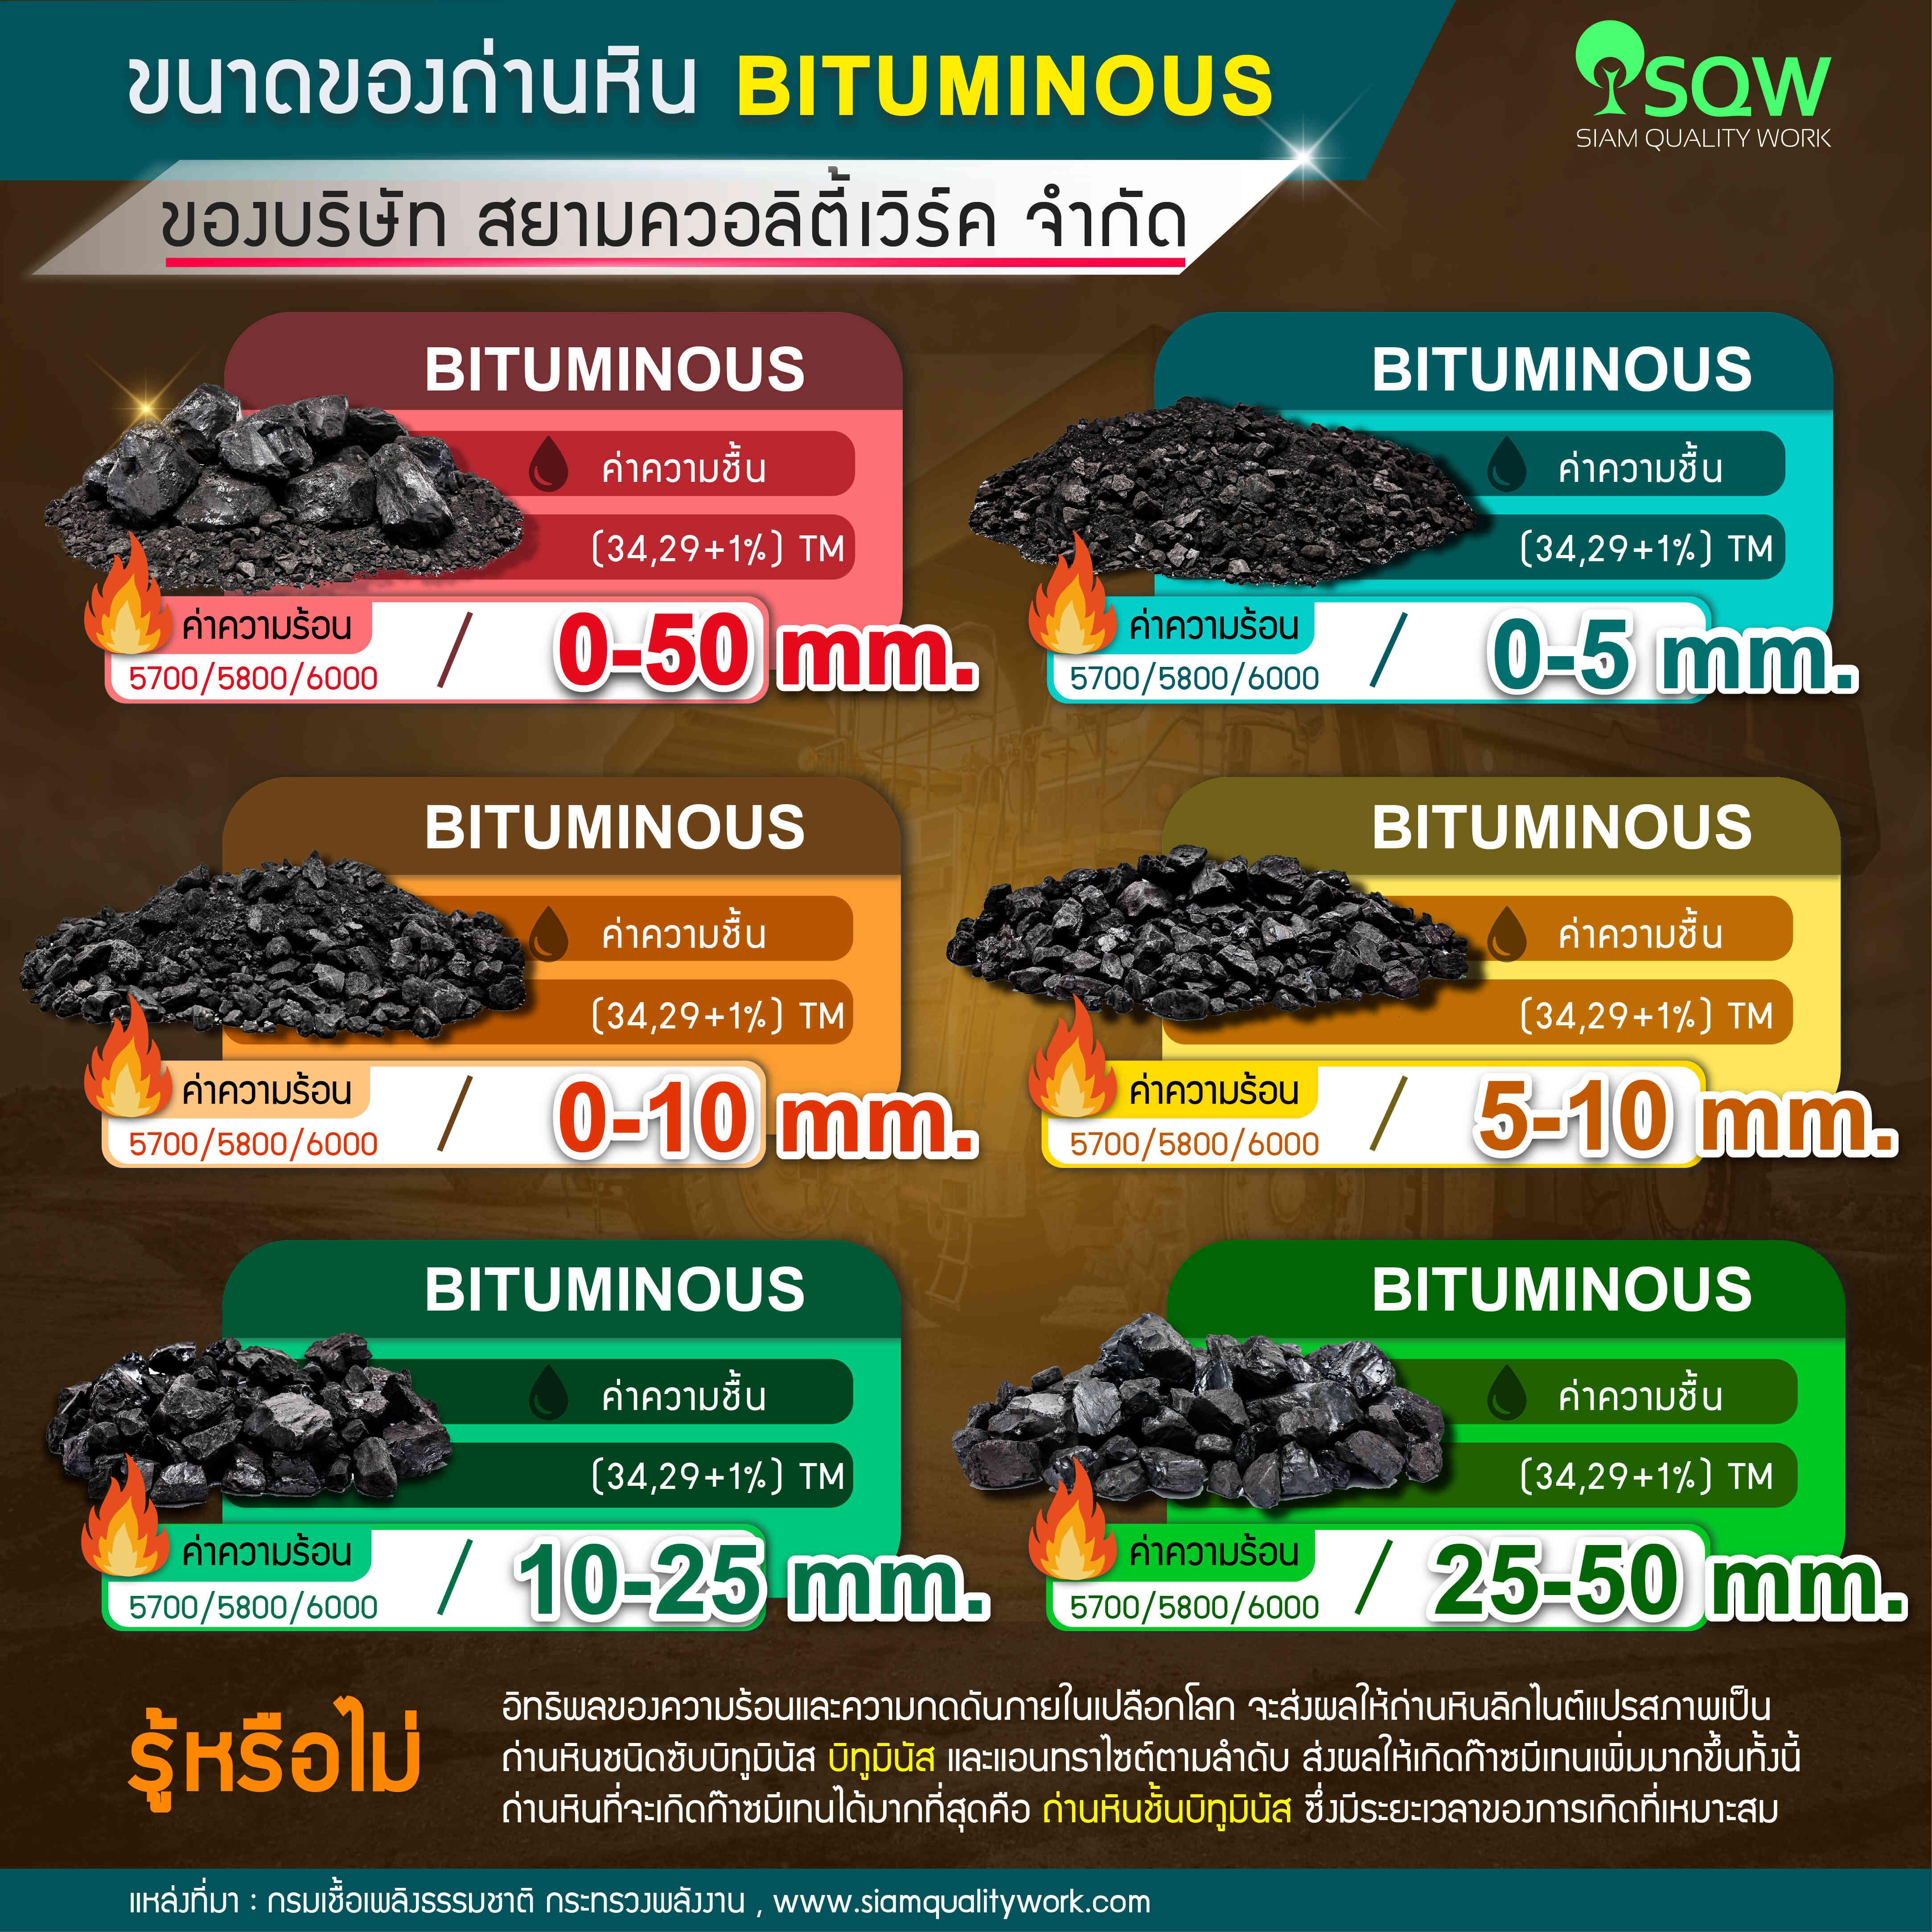 ขนาดของถ่านหิน Bituminous ของบริษัทฯ สยาม ควอลิตี้ เวิร์ค จำกัด